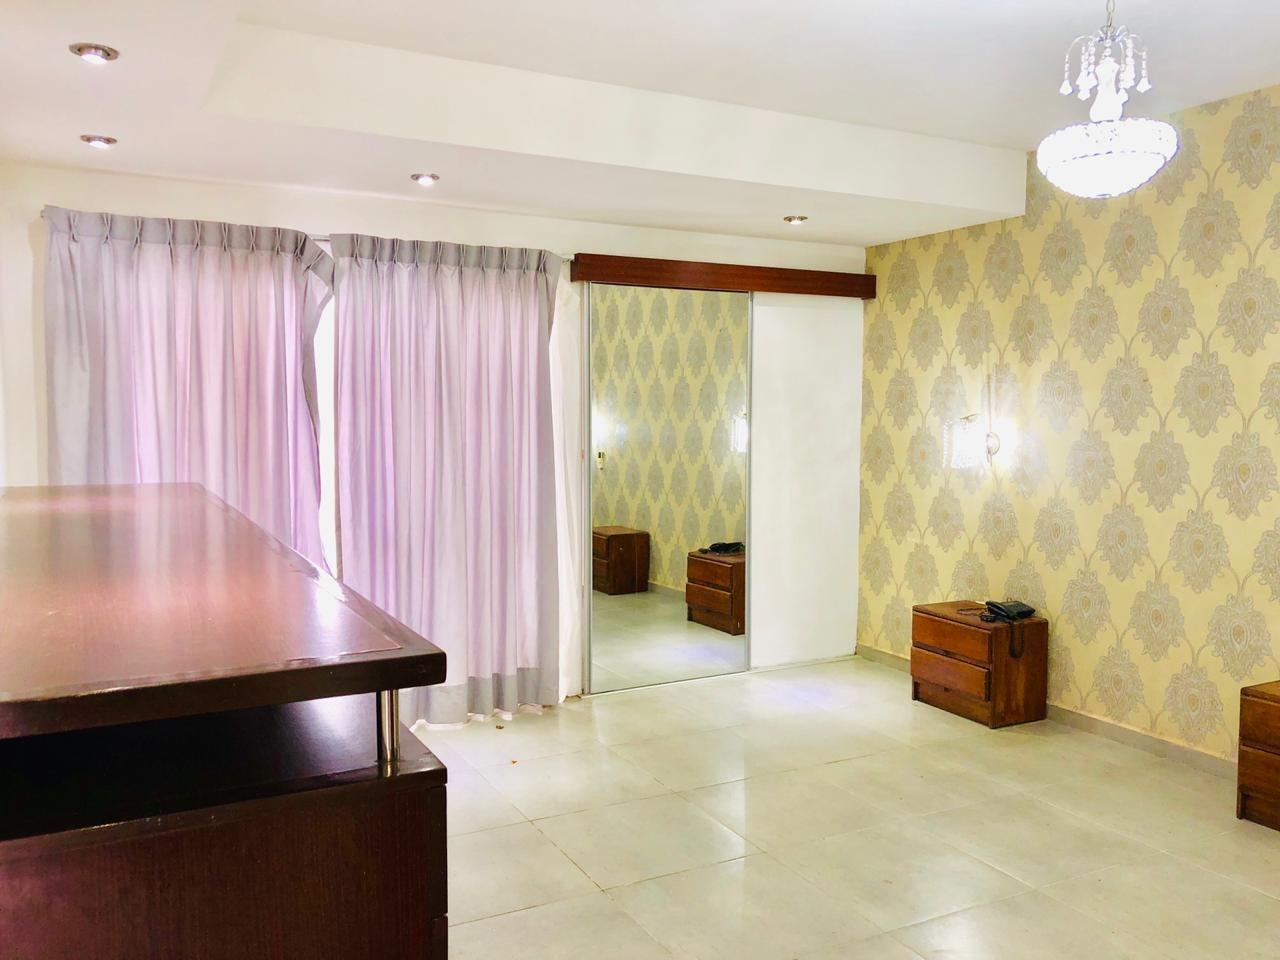 Casa en Alquiler Zona Urubo - Condominio Jardines del Urubo - lado de Restaurante Casa del Camba - a 1 minuto del Puente principal. Foto 25